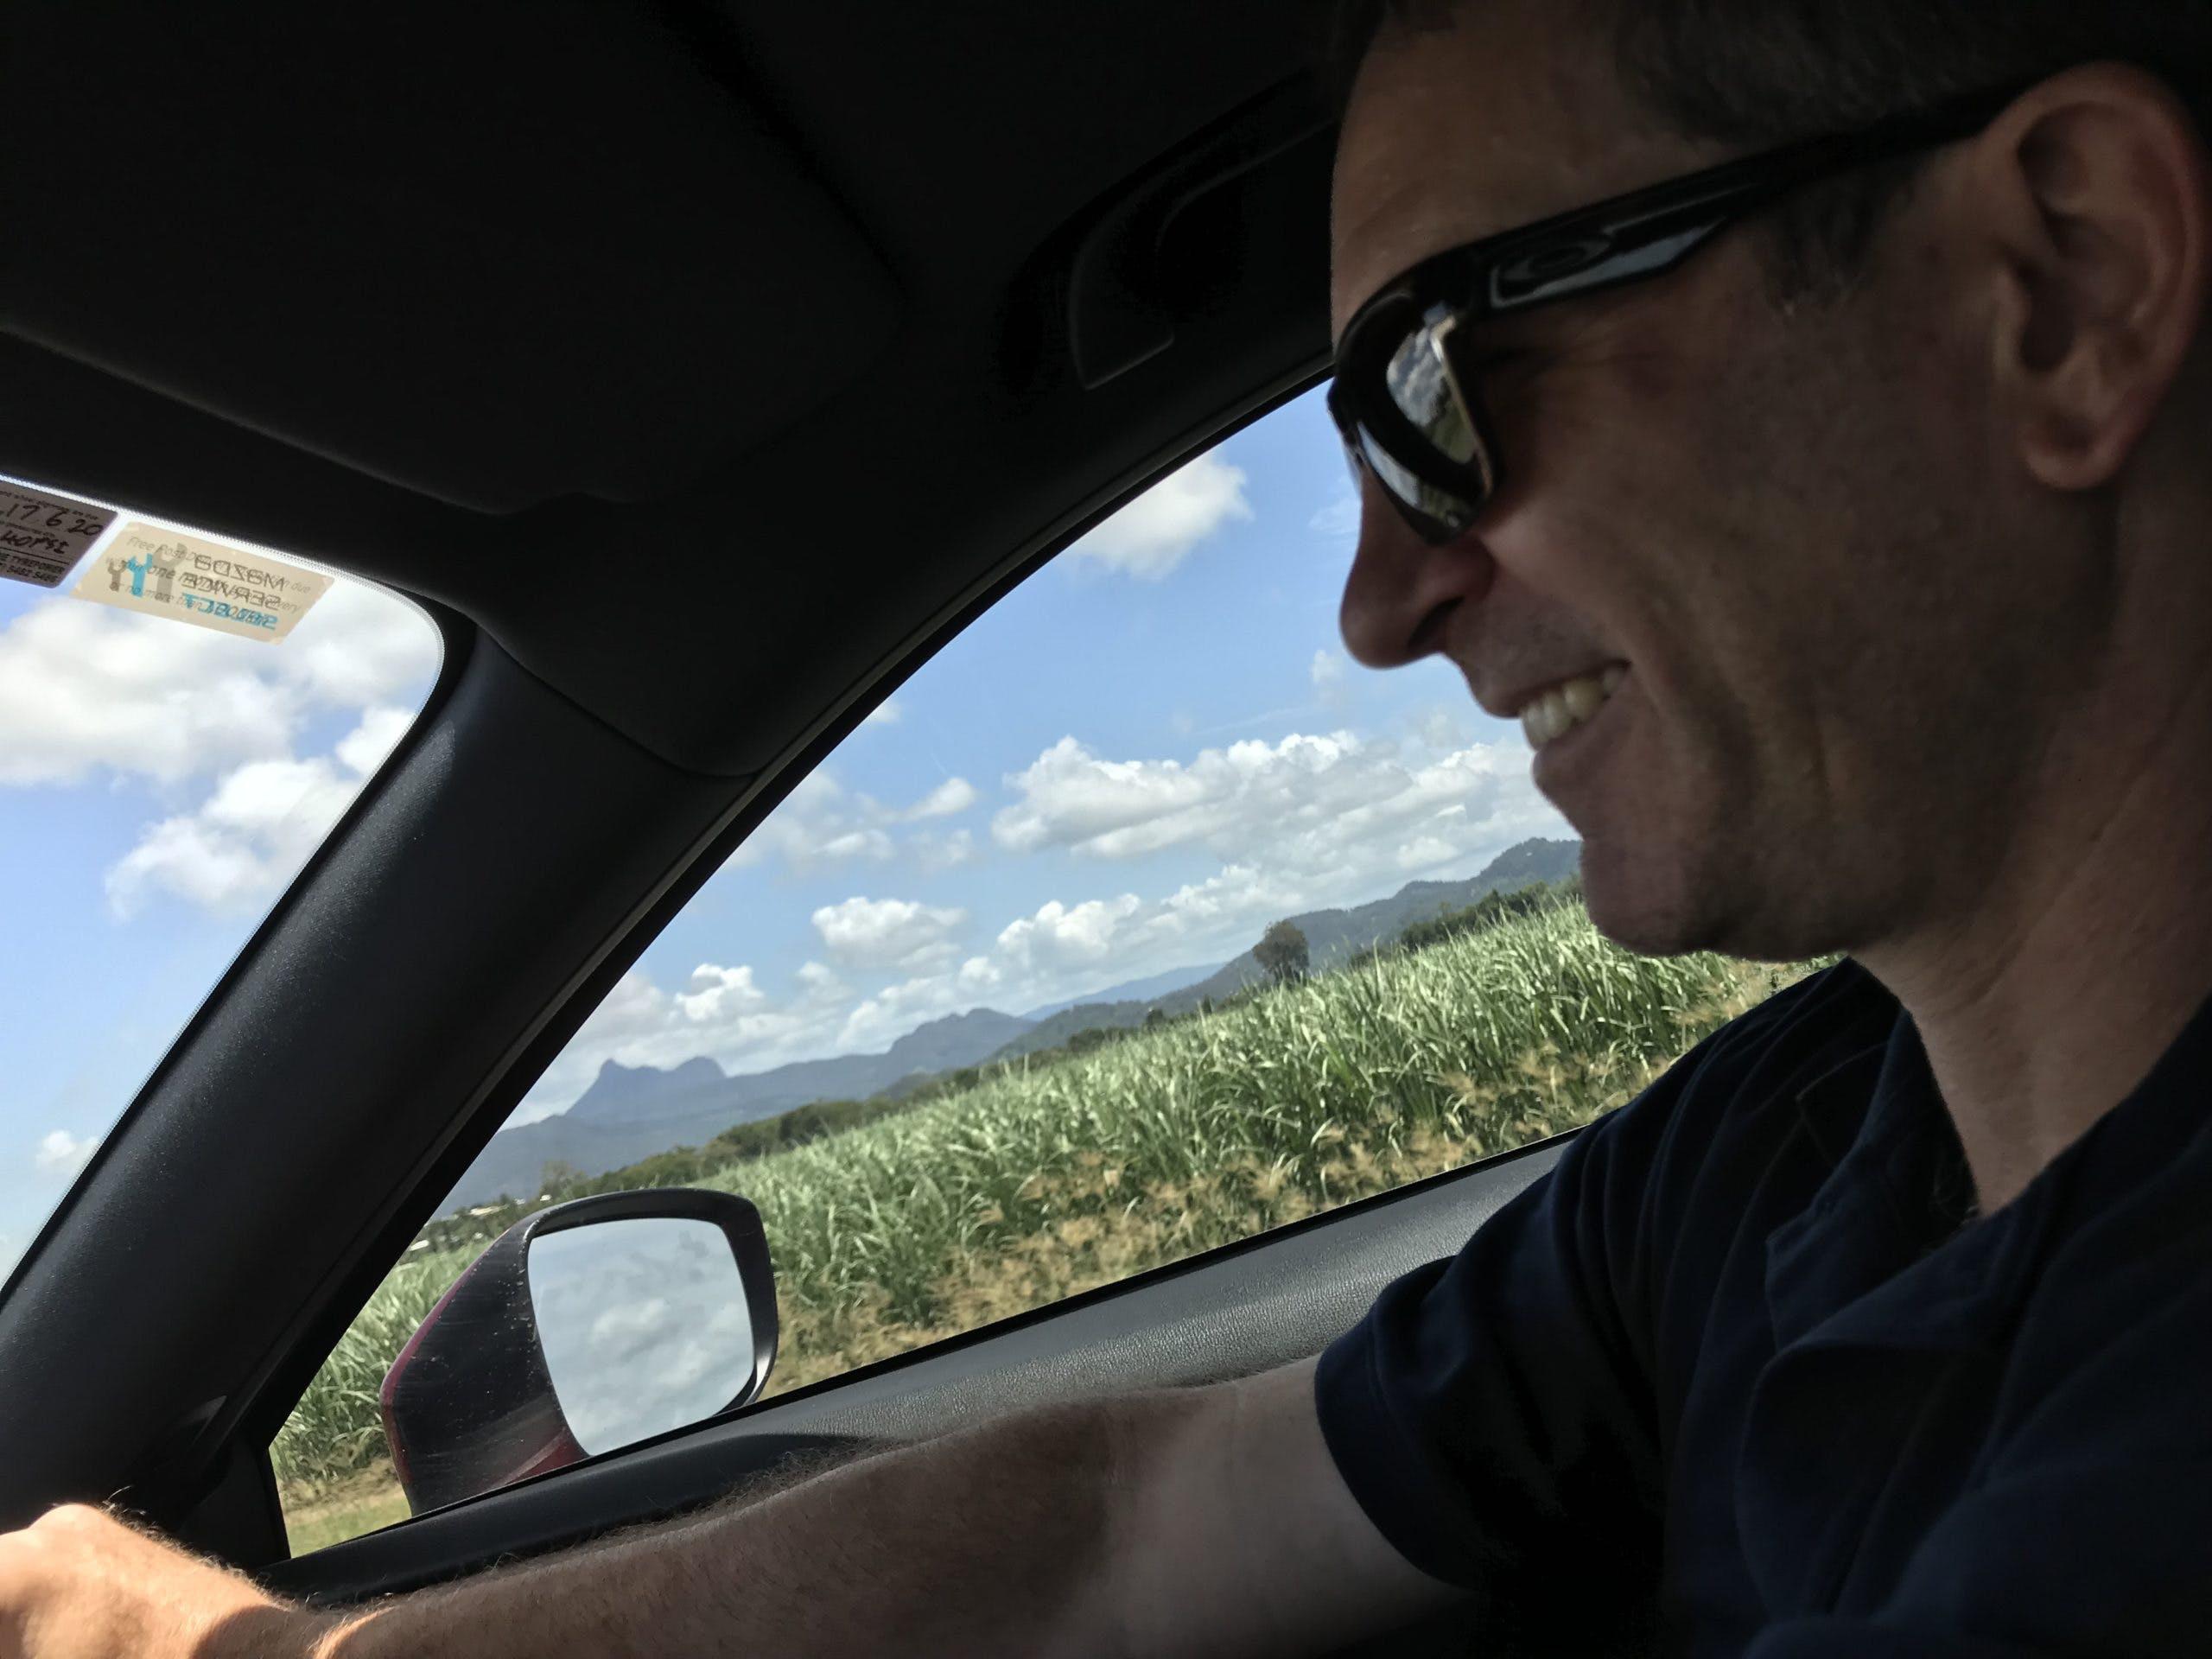 Heatley driving